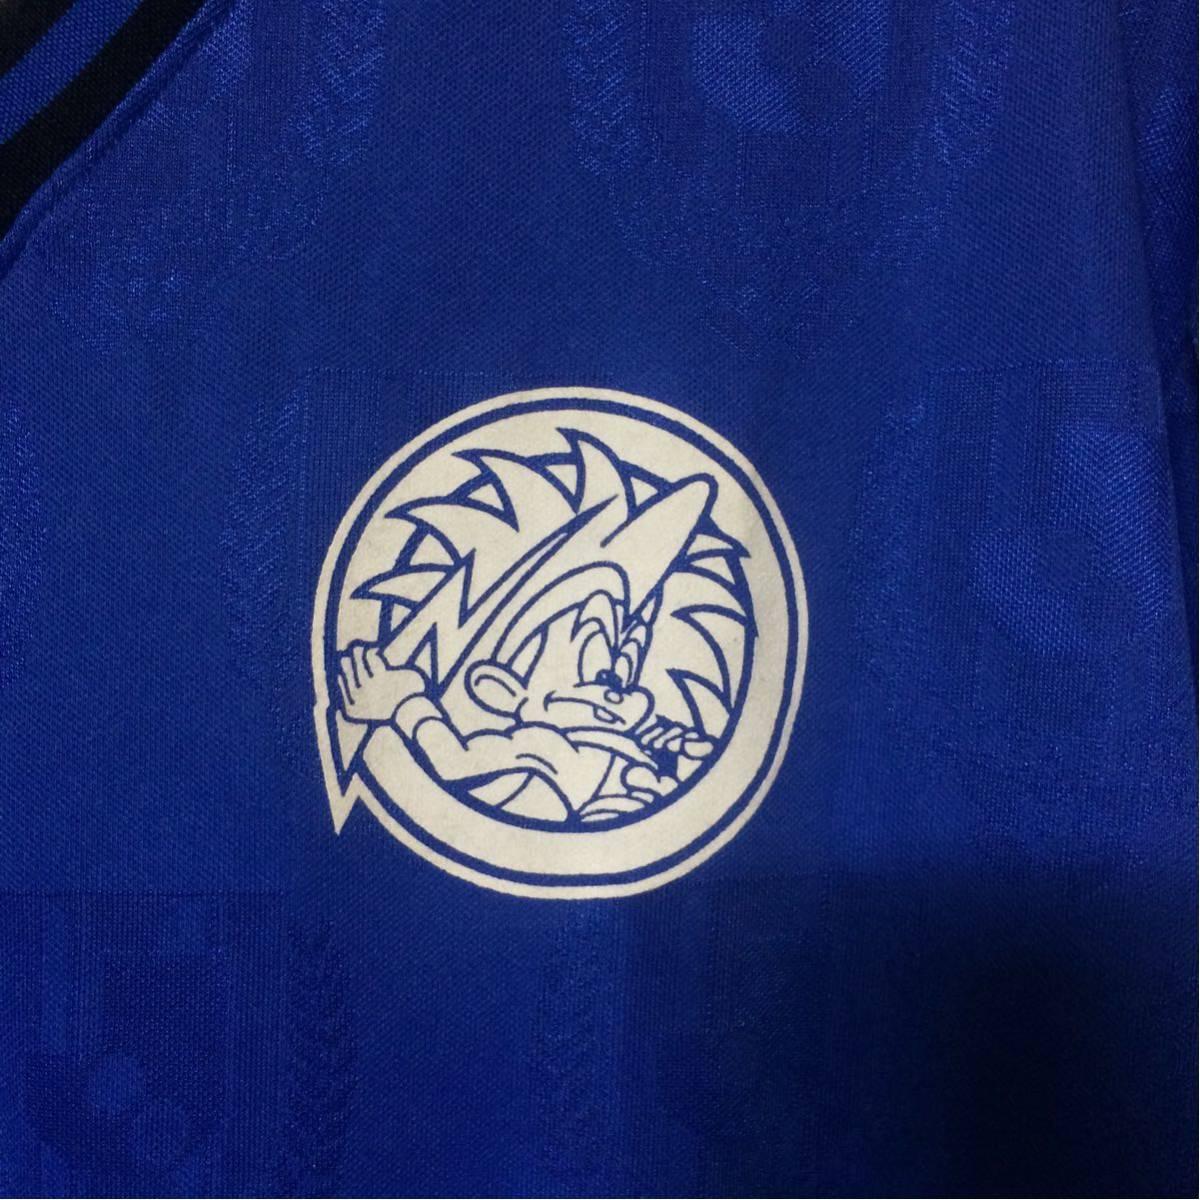 【コレクターアイテム】ガンバ大阪 Jリーグオフィシャル ユニフォーム Tシャツ Lサイズ_画像5